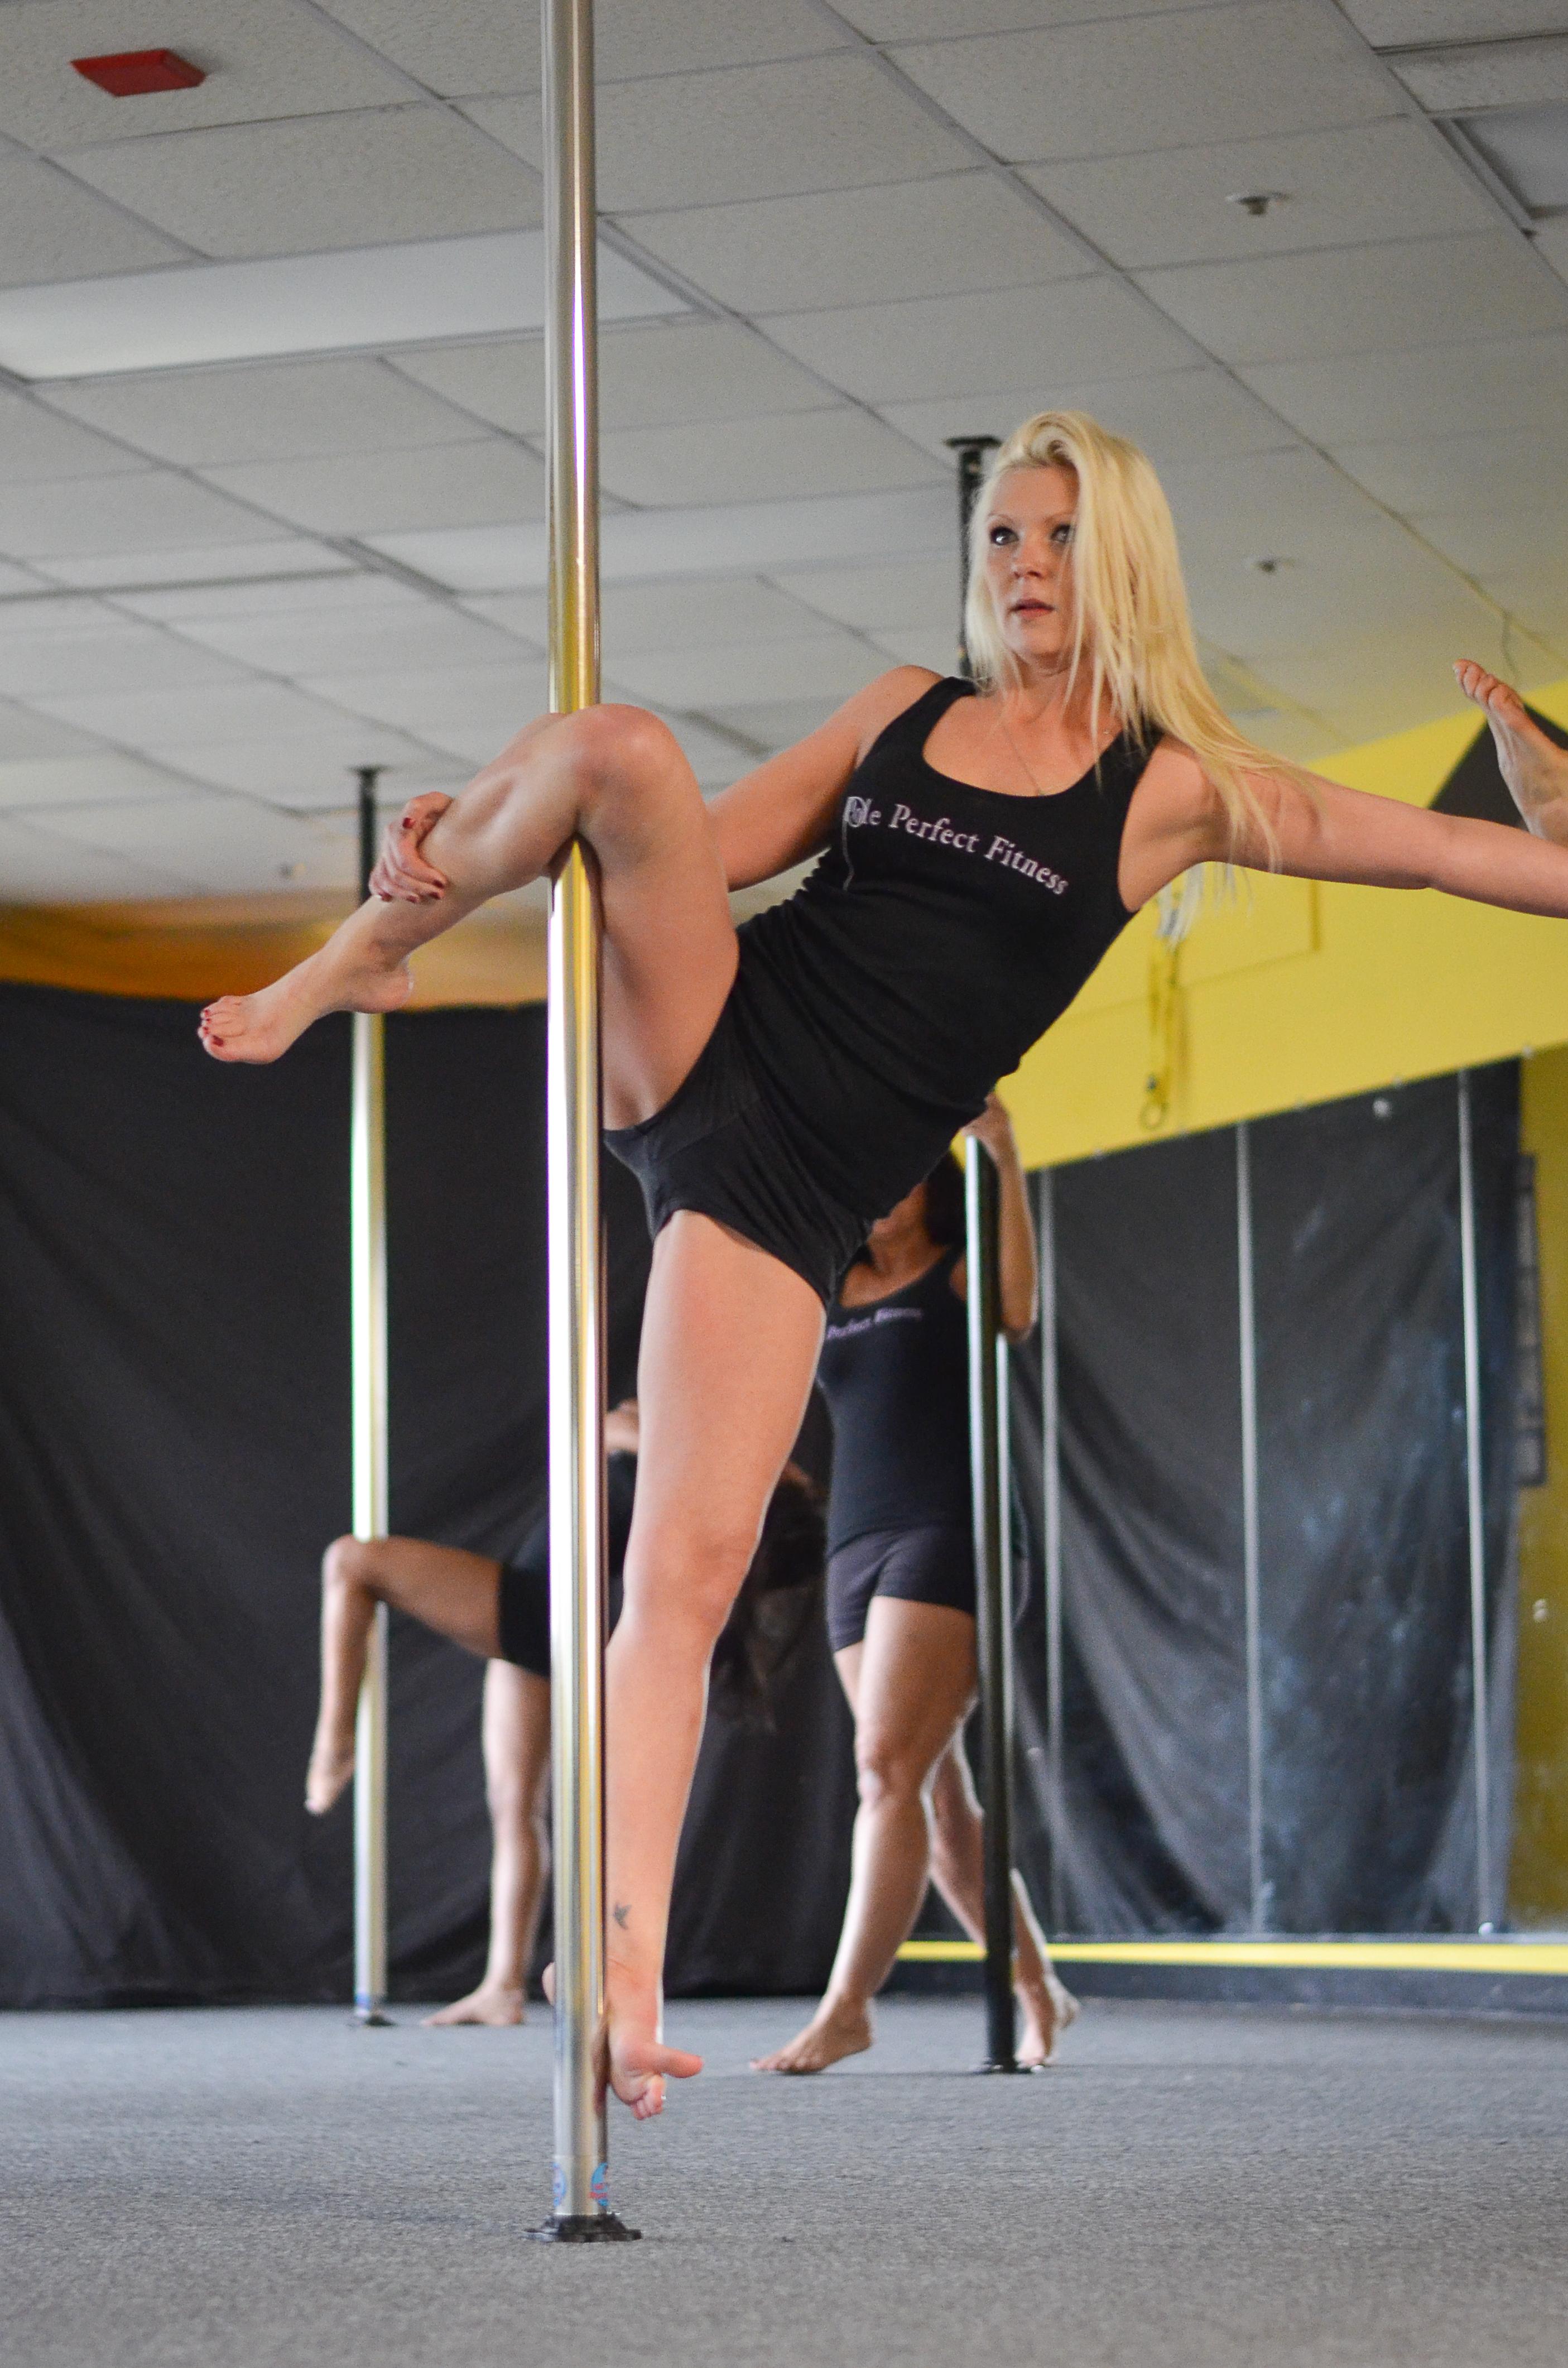 stripper metairie in la pole Buy